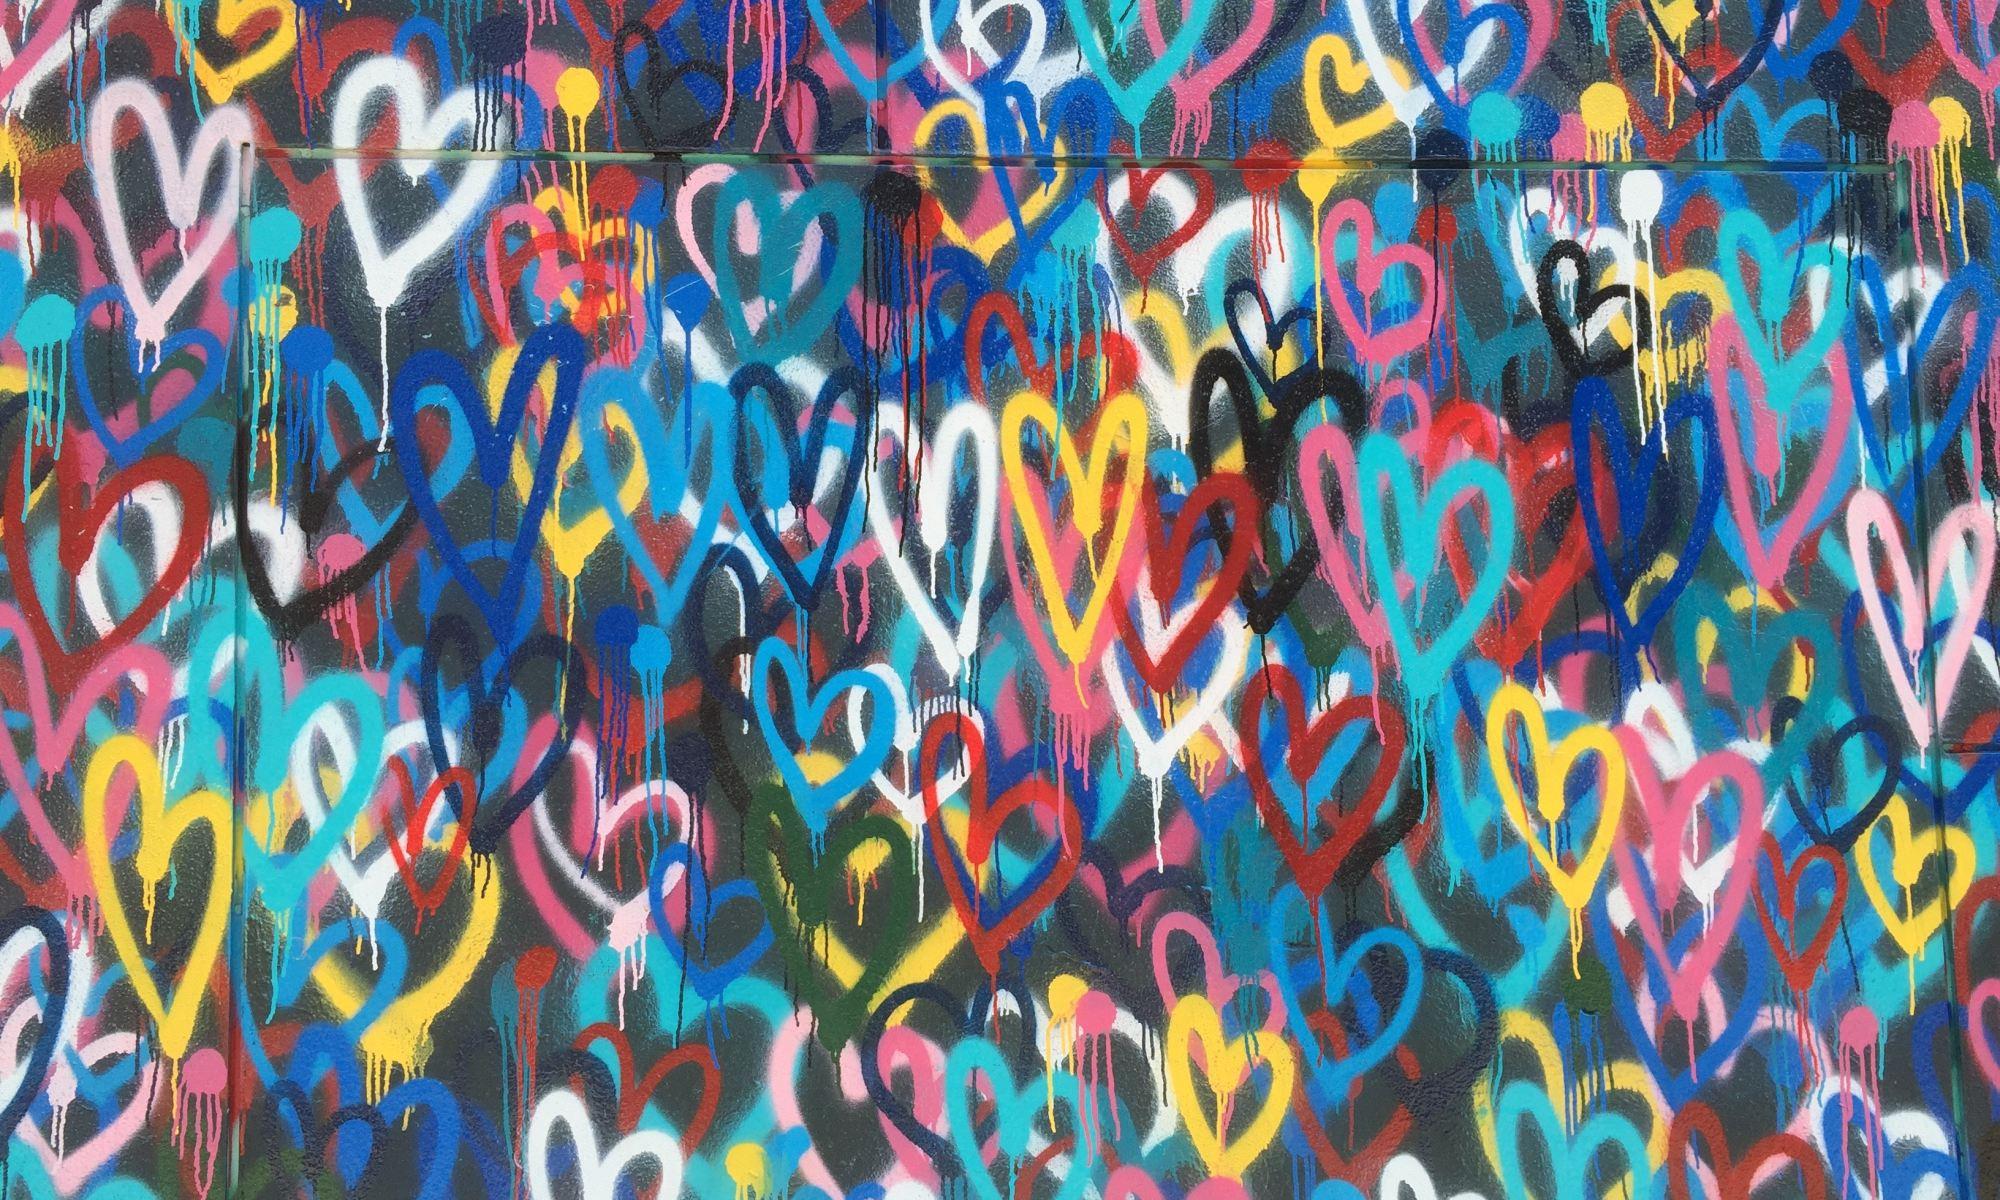 Grafitti of colorful hearts